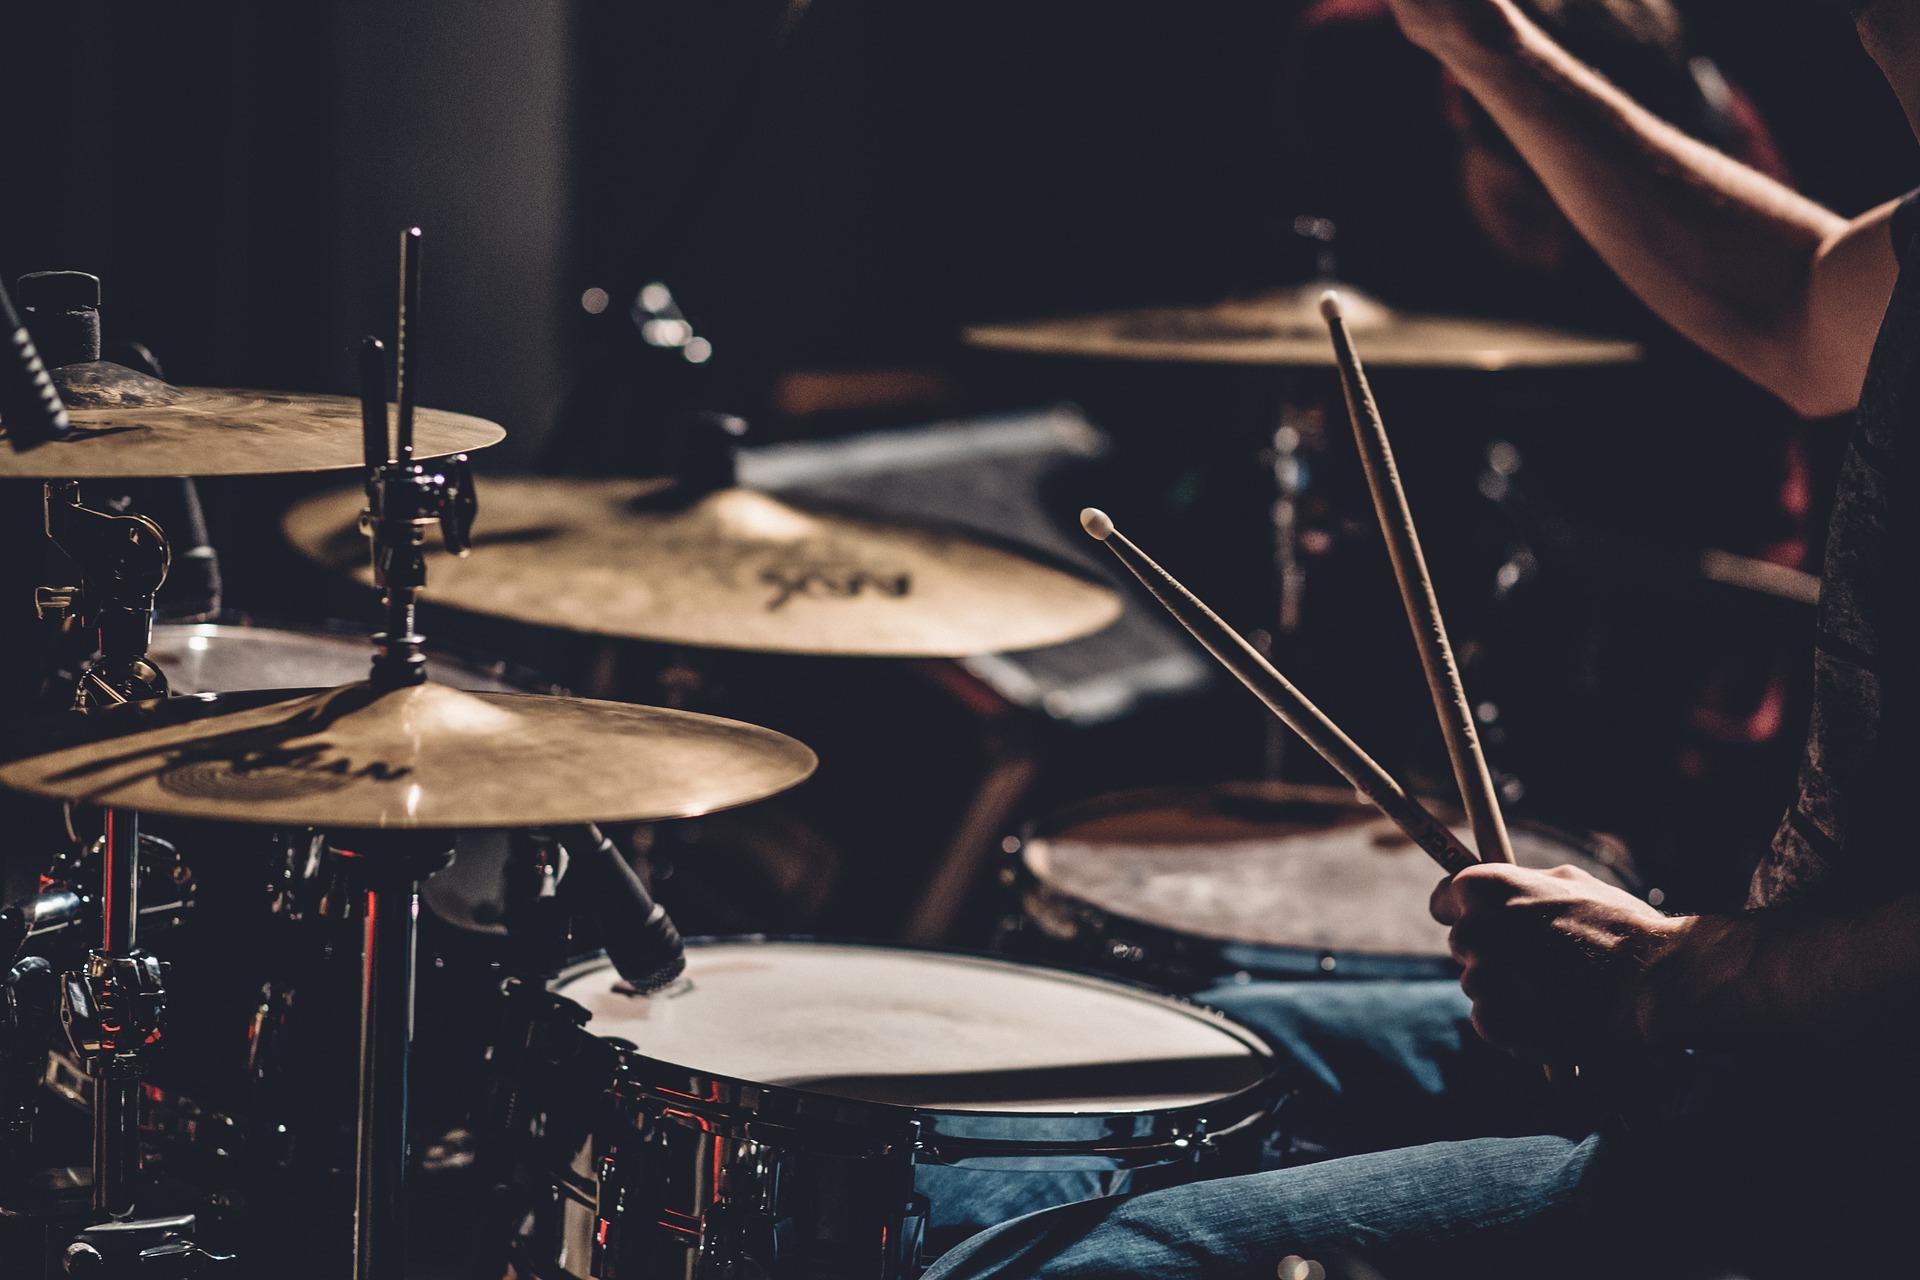 [COVID-19] Désinfection des instruments de musique